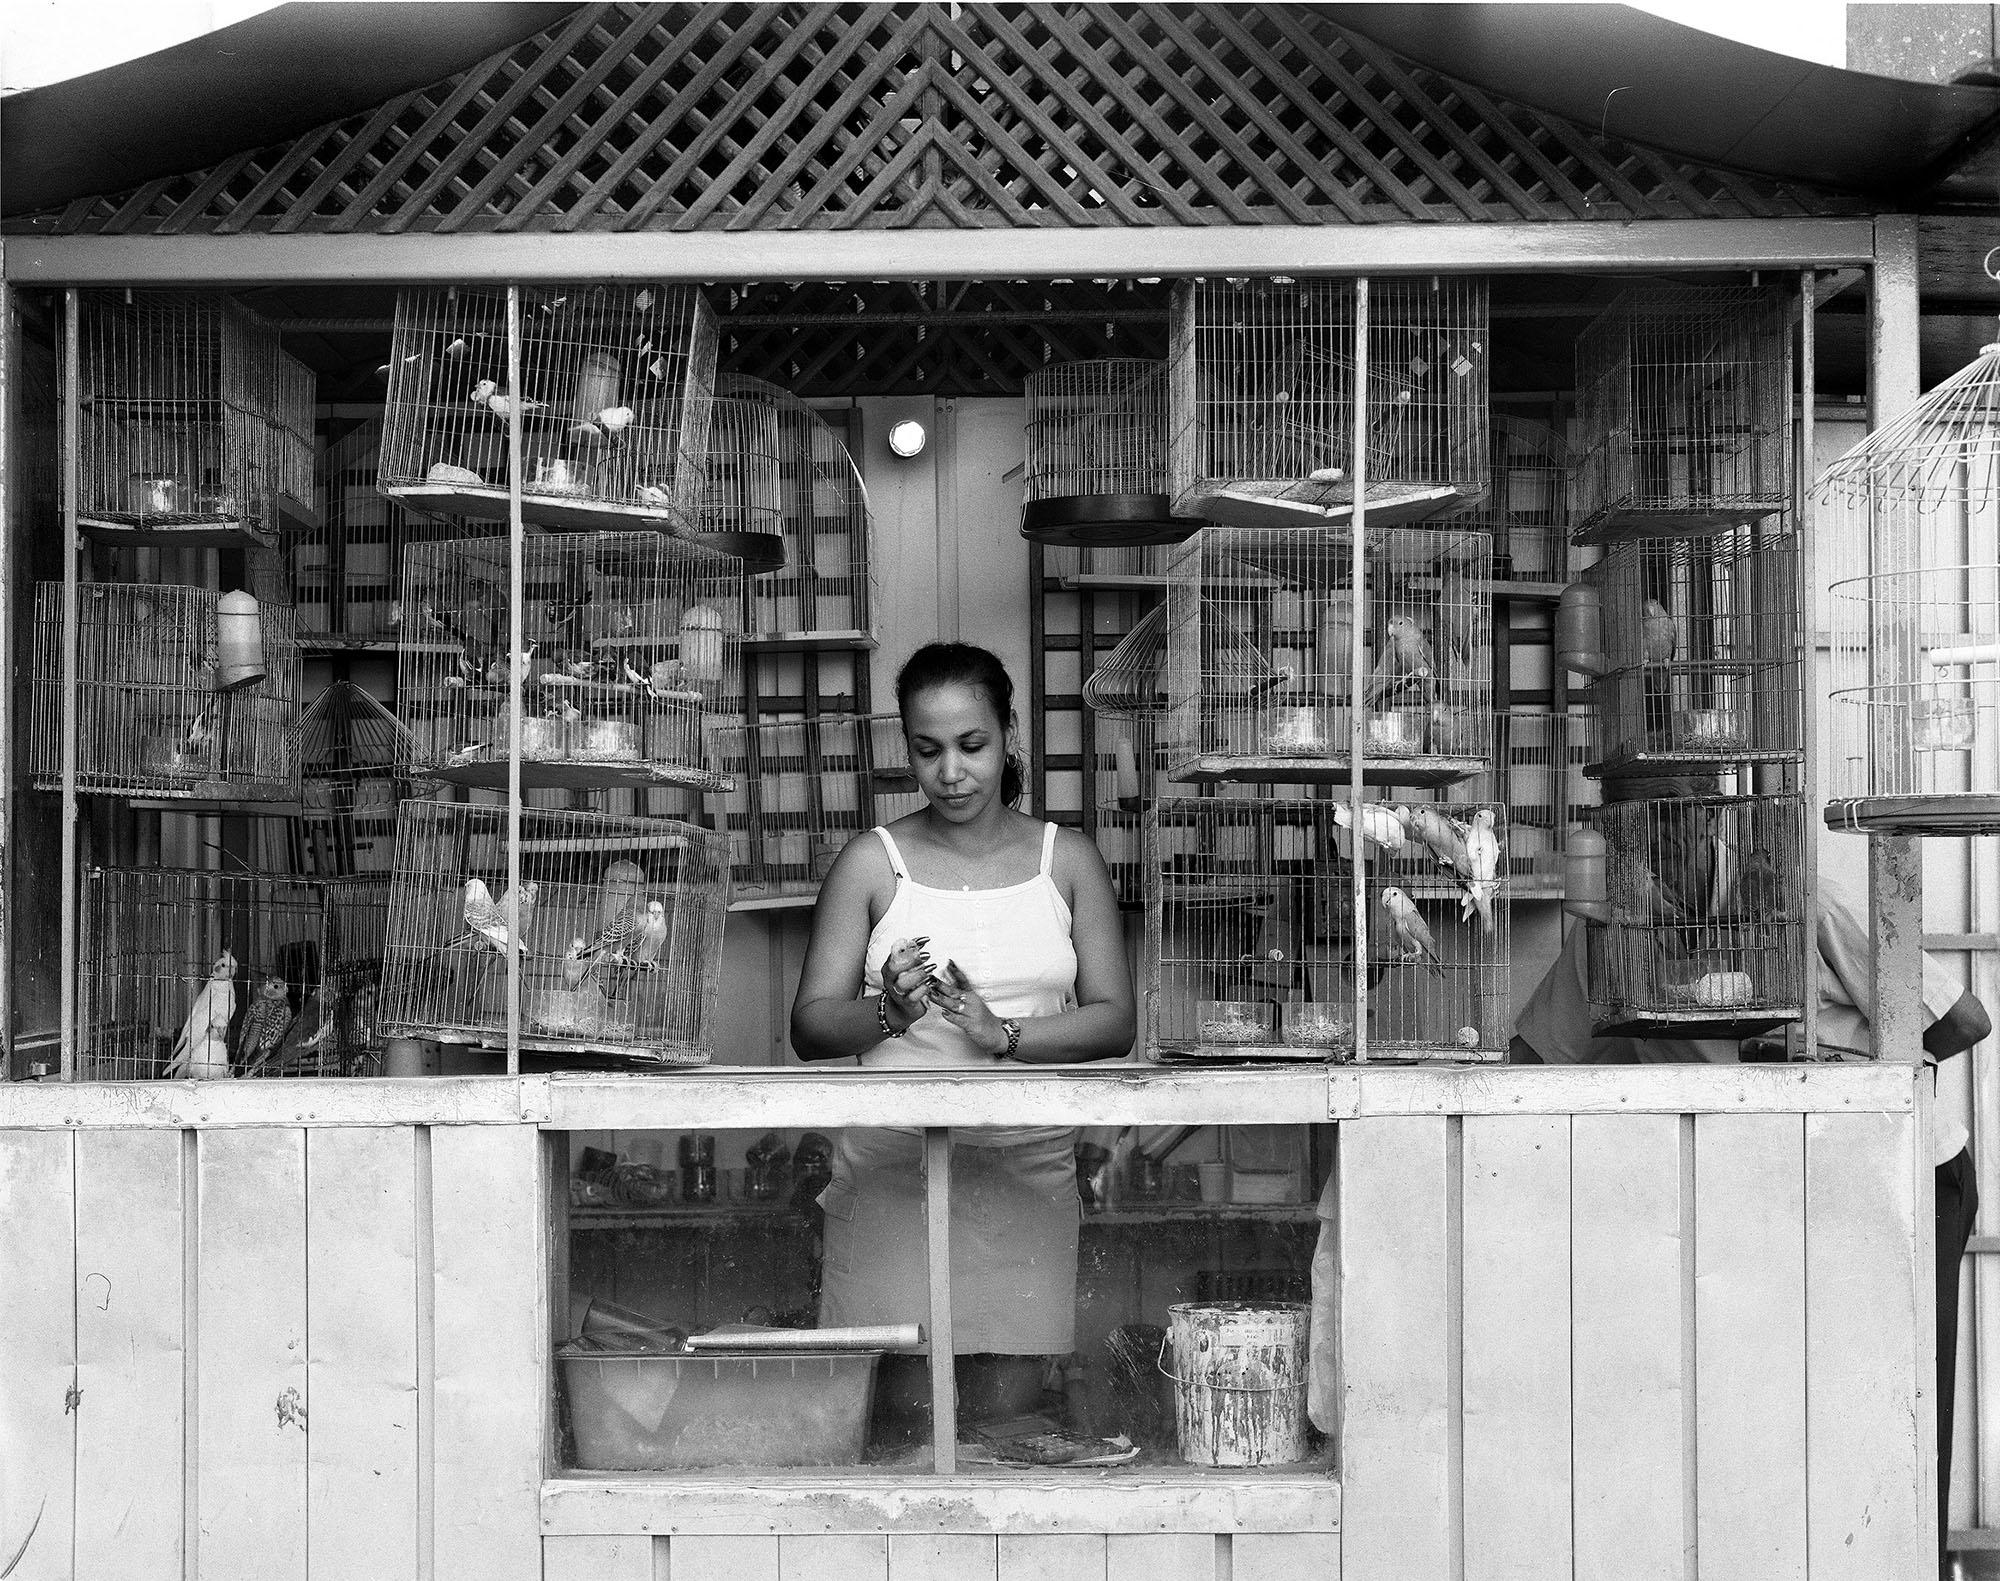 Havana_Bird_Seller.jpg